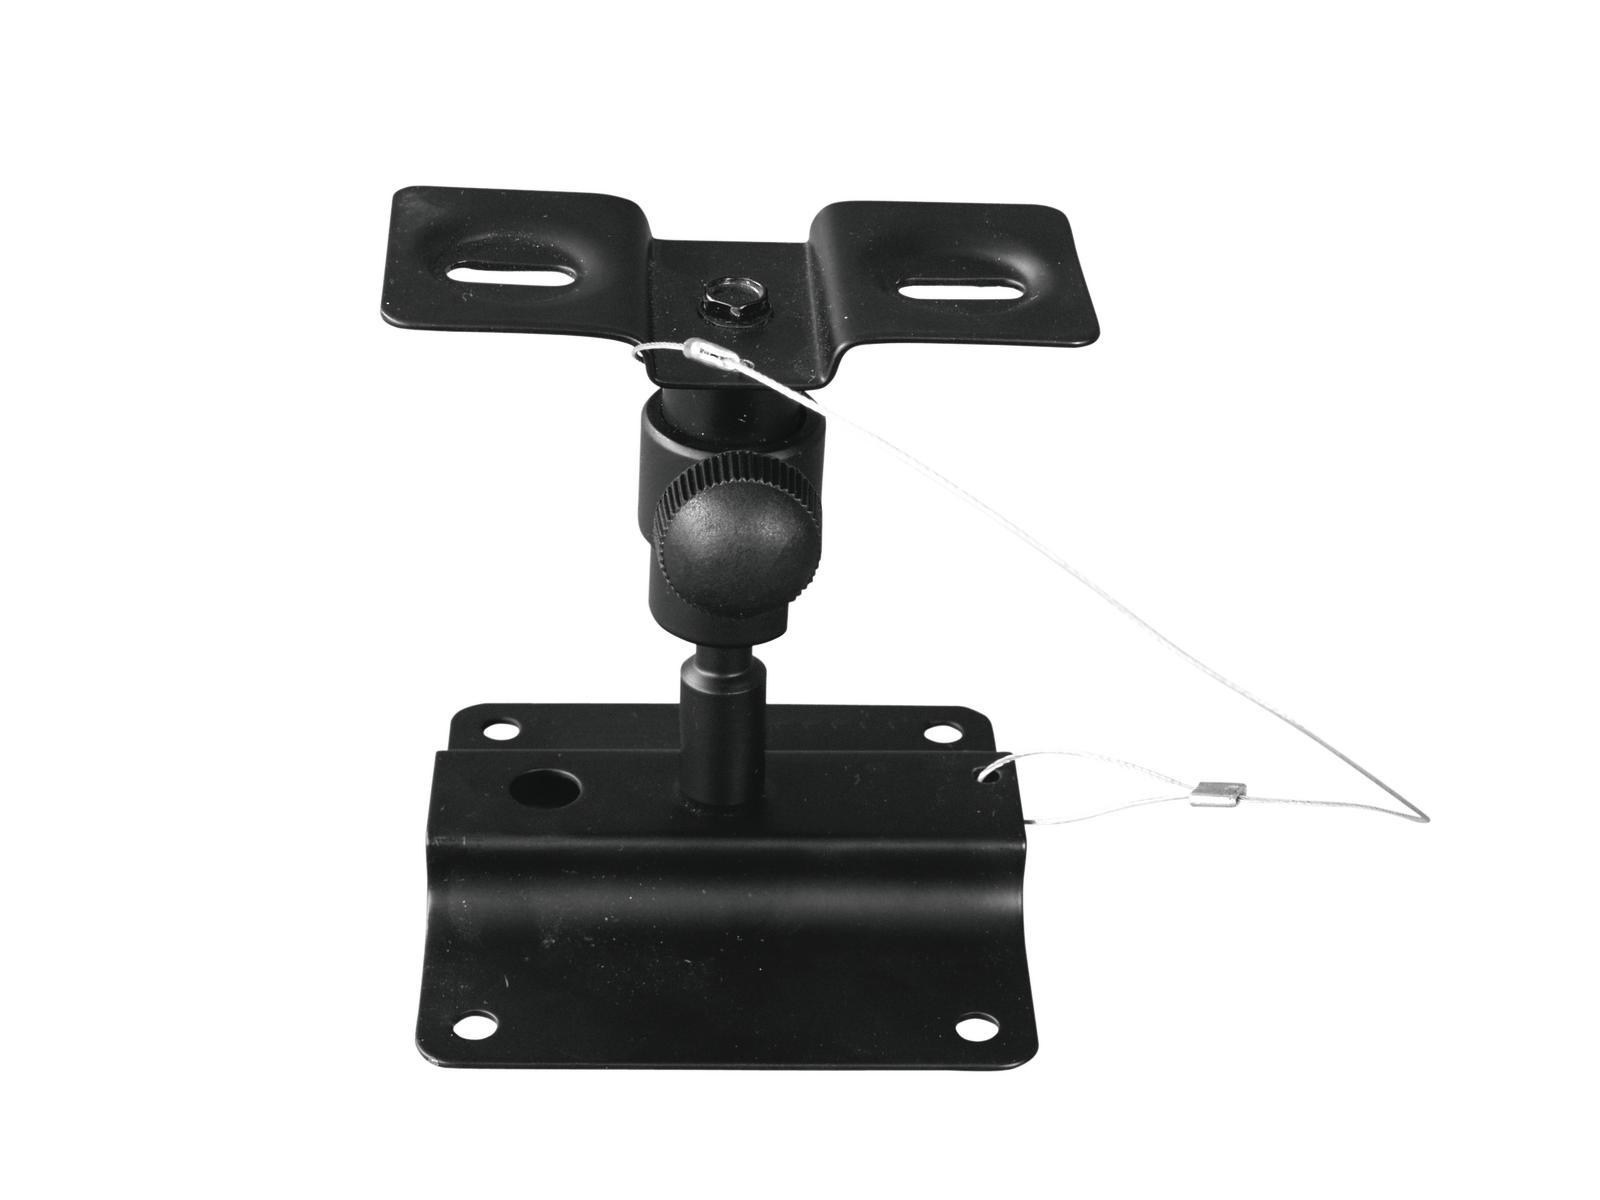 OMNITRONIC supporto di montaggio a Parete per satelliti 2x